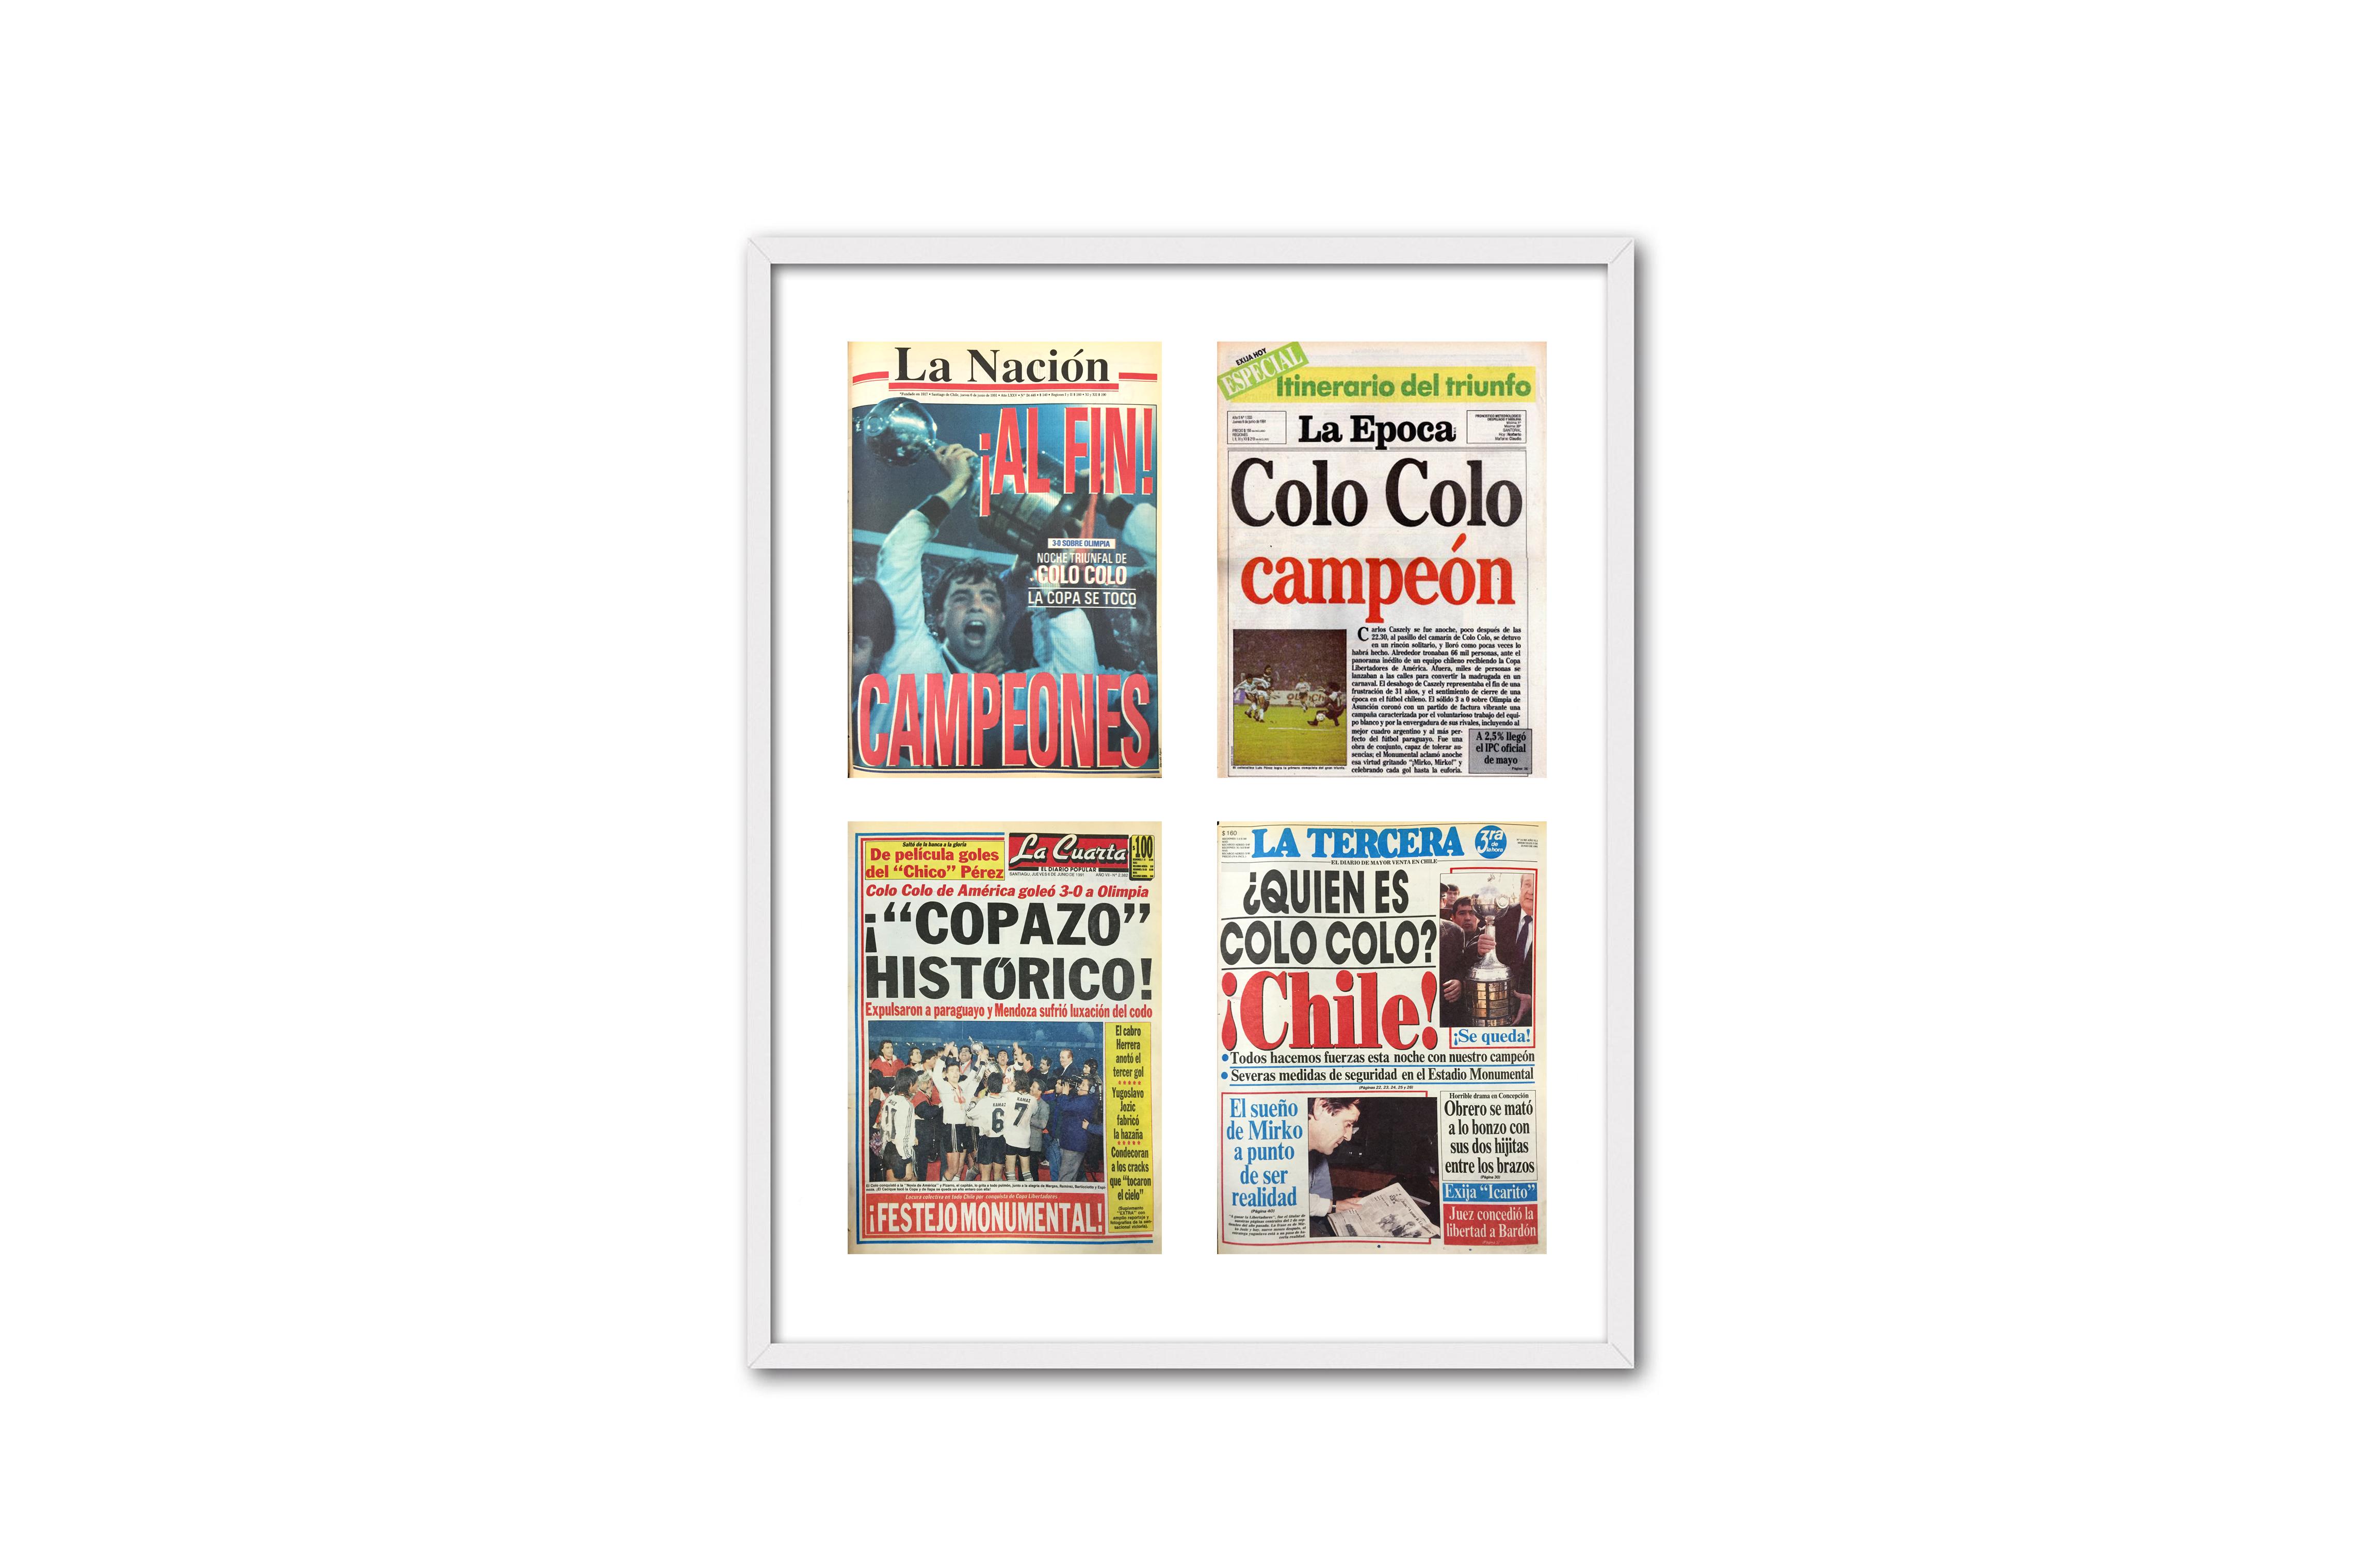 Colo Colo 1991 blanco5